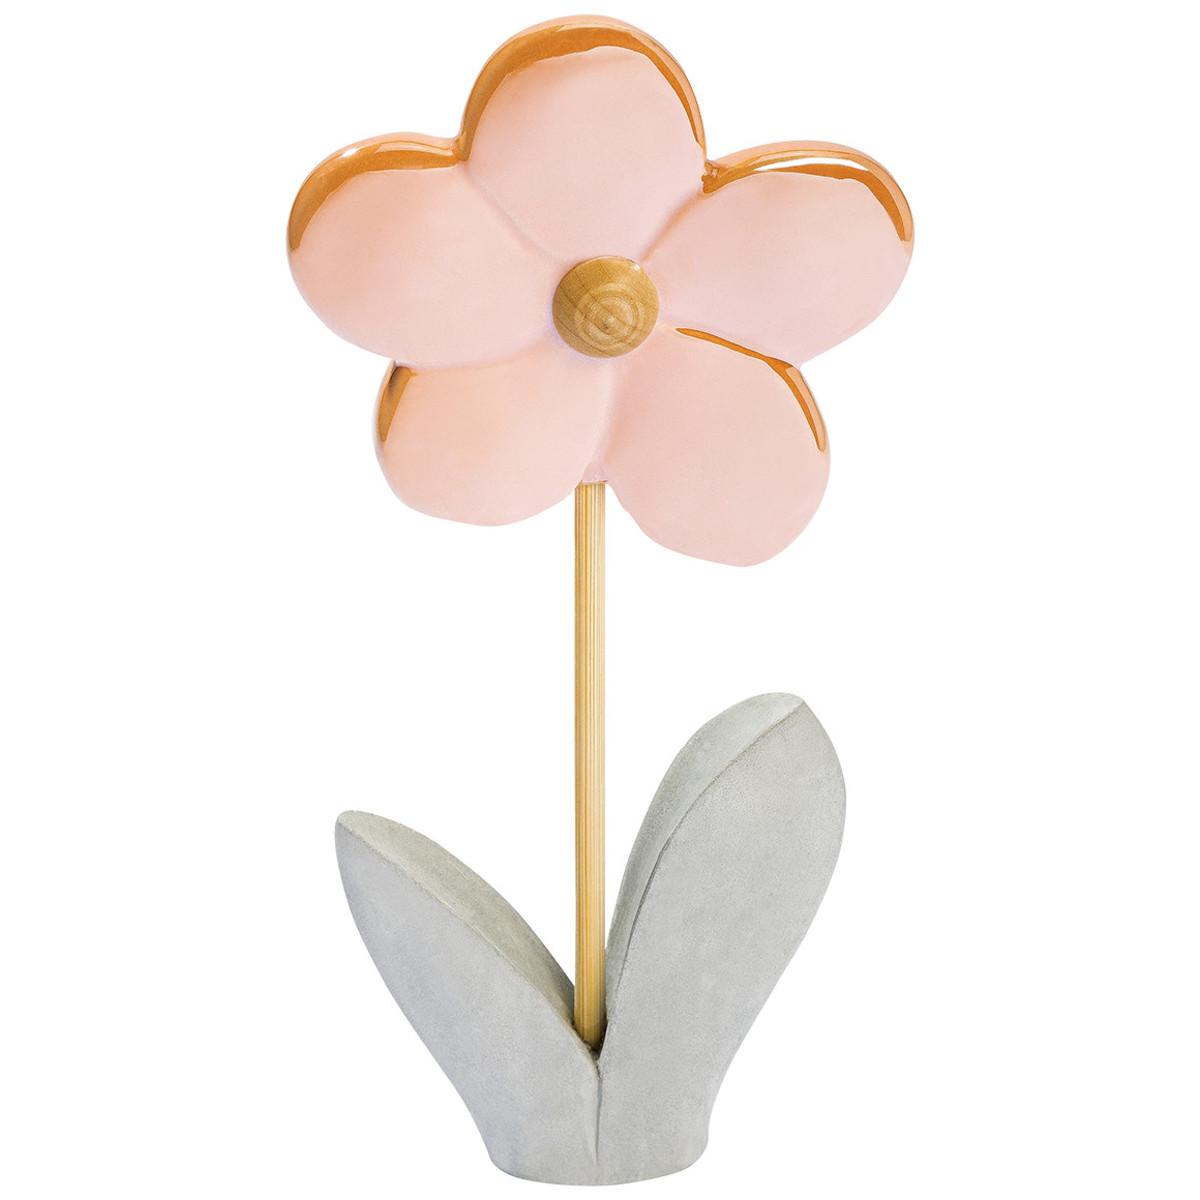 Bild 1 von Deko-Blume mit Zementfuß